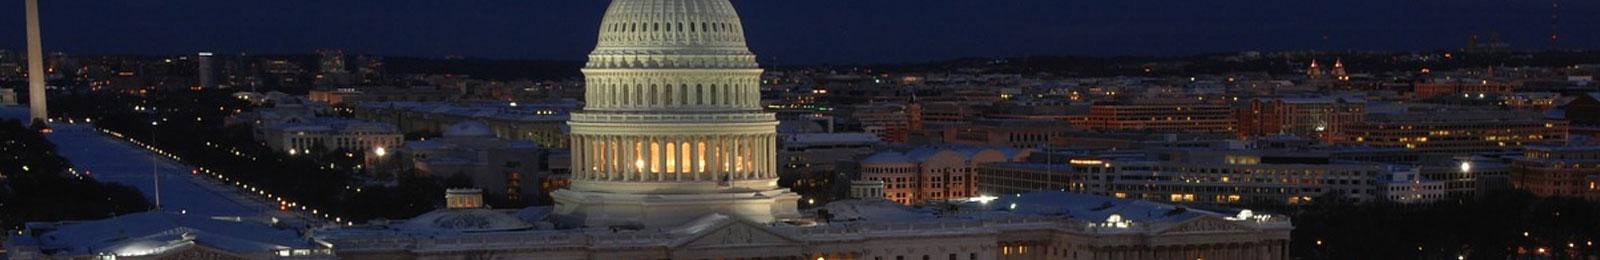 Wiadomości Waszyngton